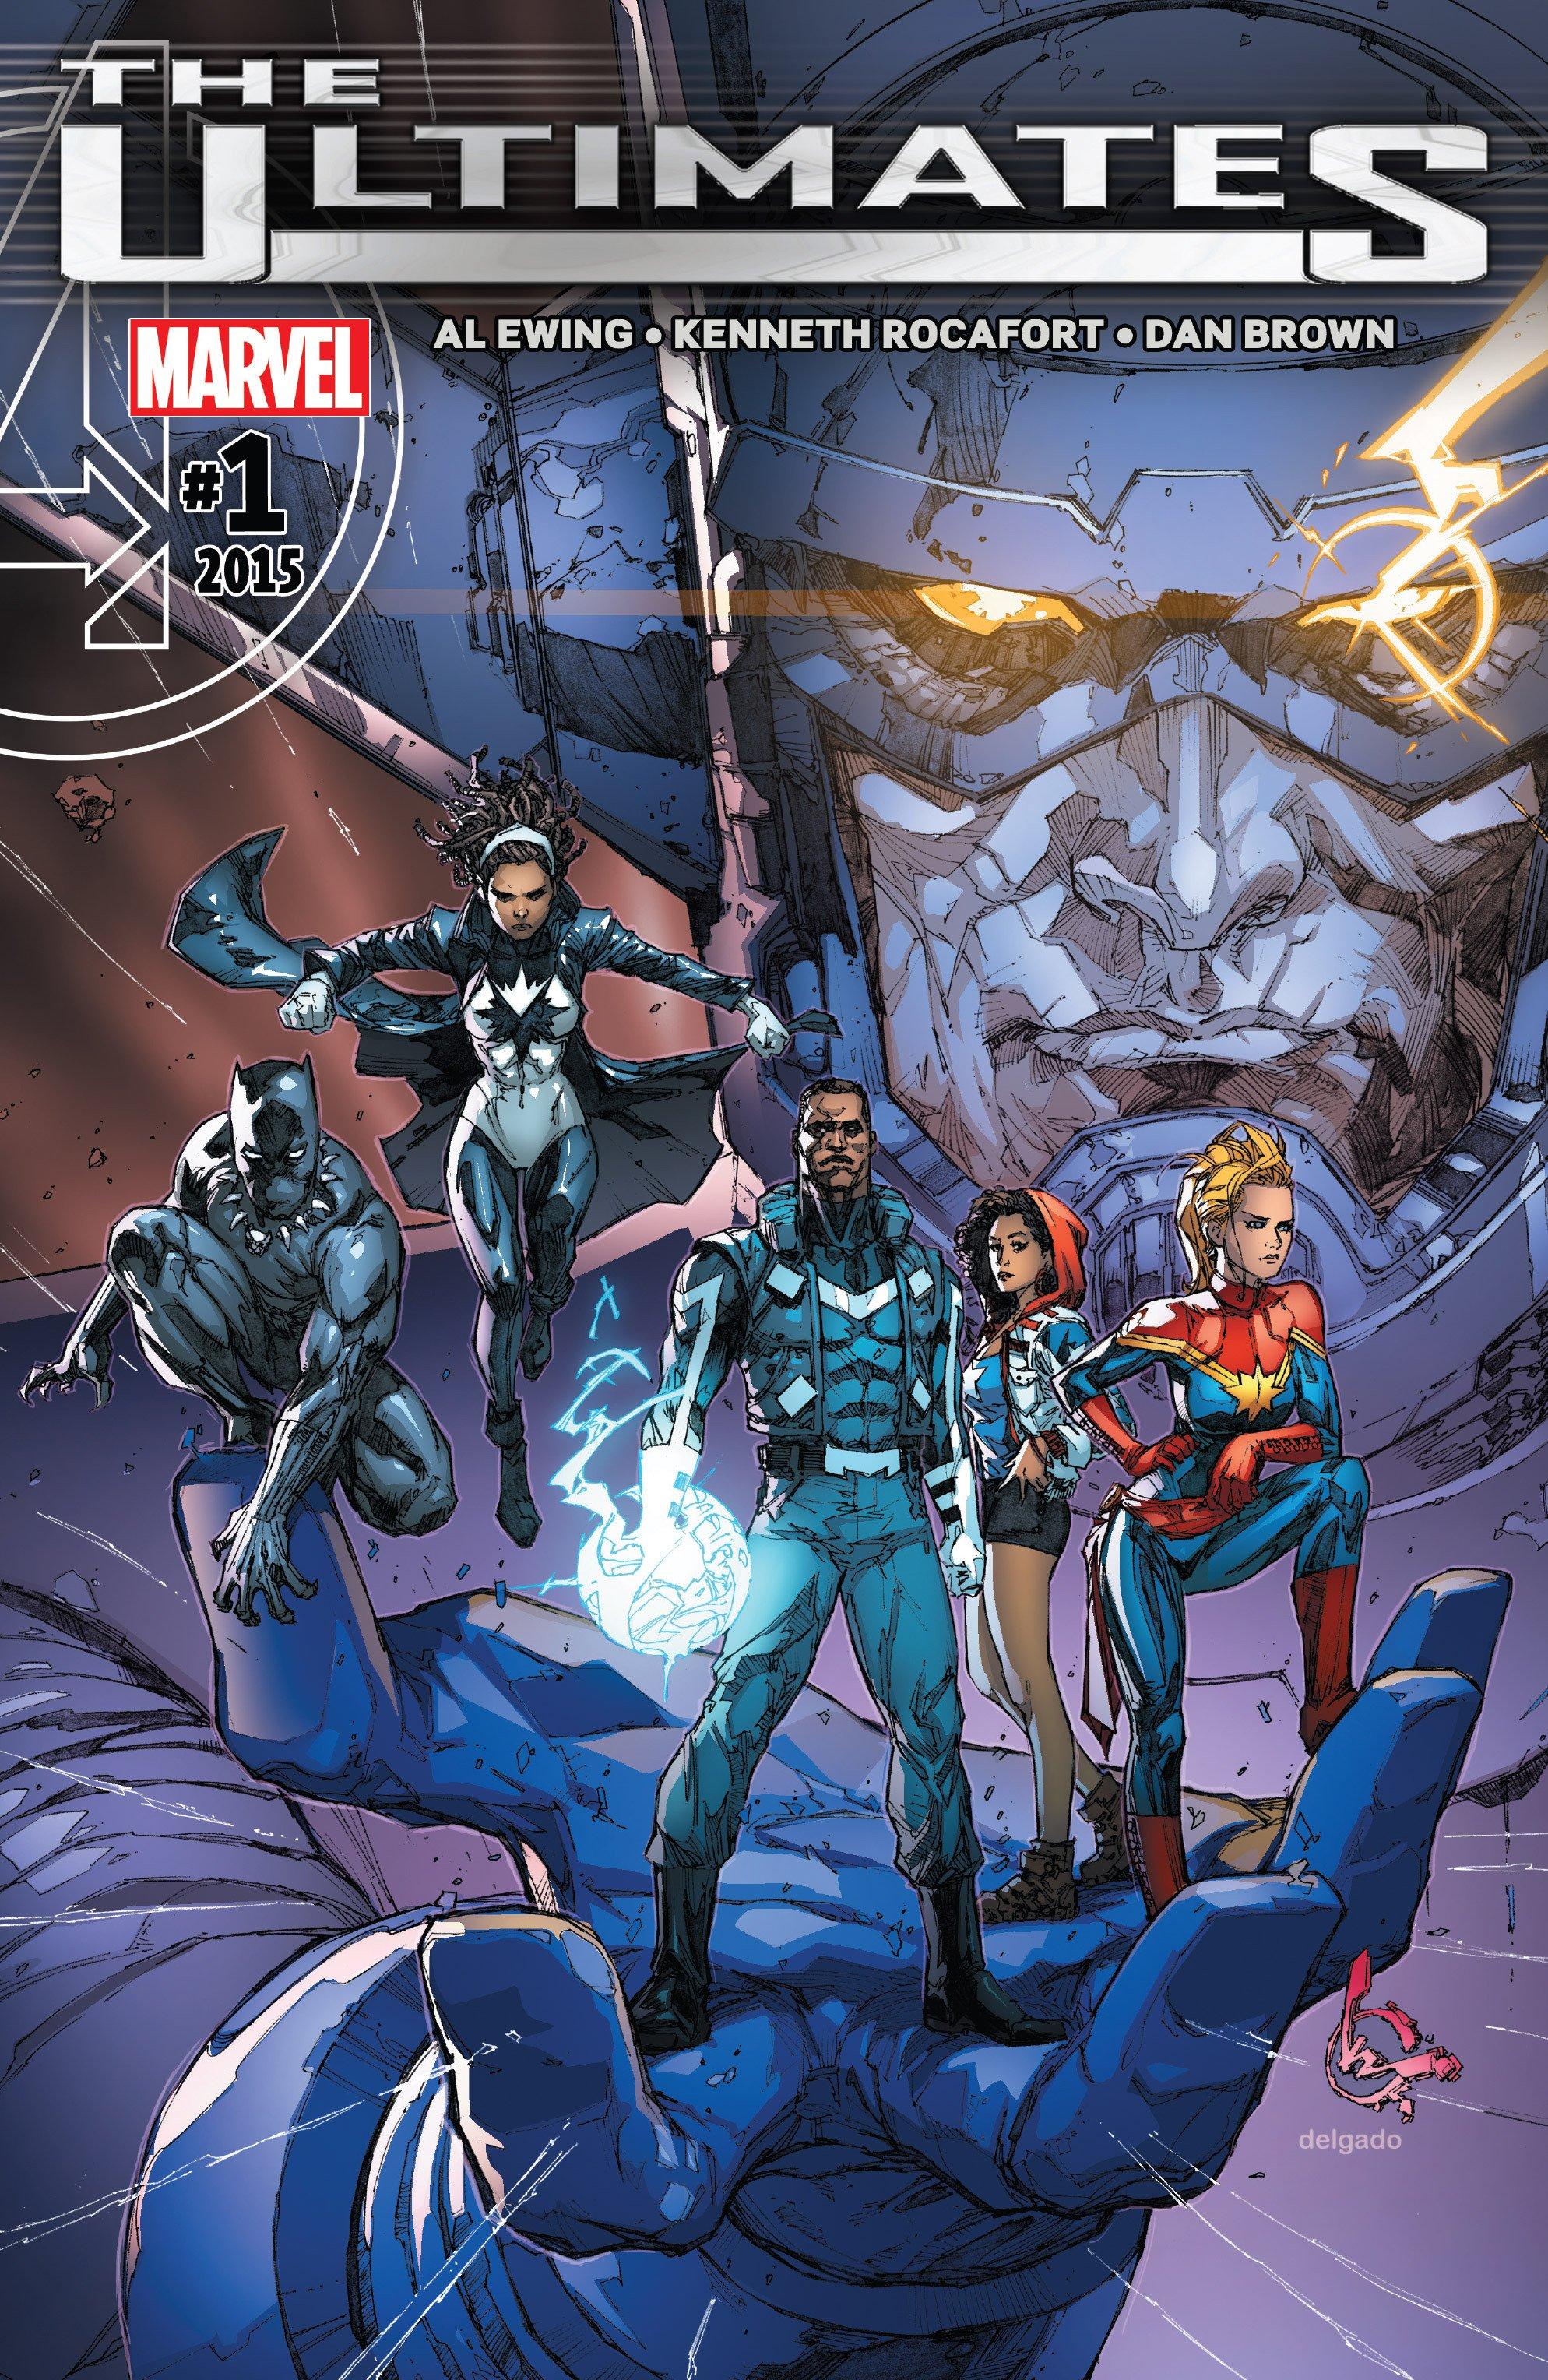 Обзор-мнение комиксов All-New All-Different Marvel, часть 4.. - Изображение 8